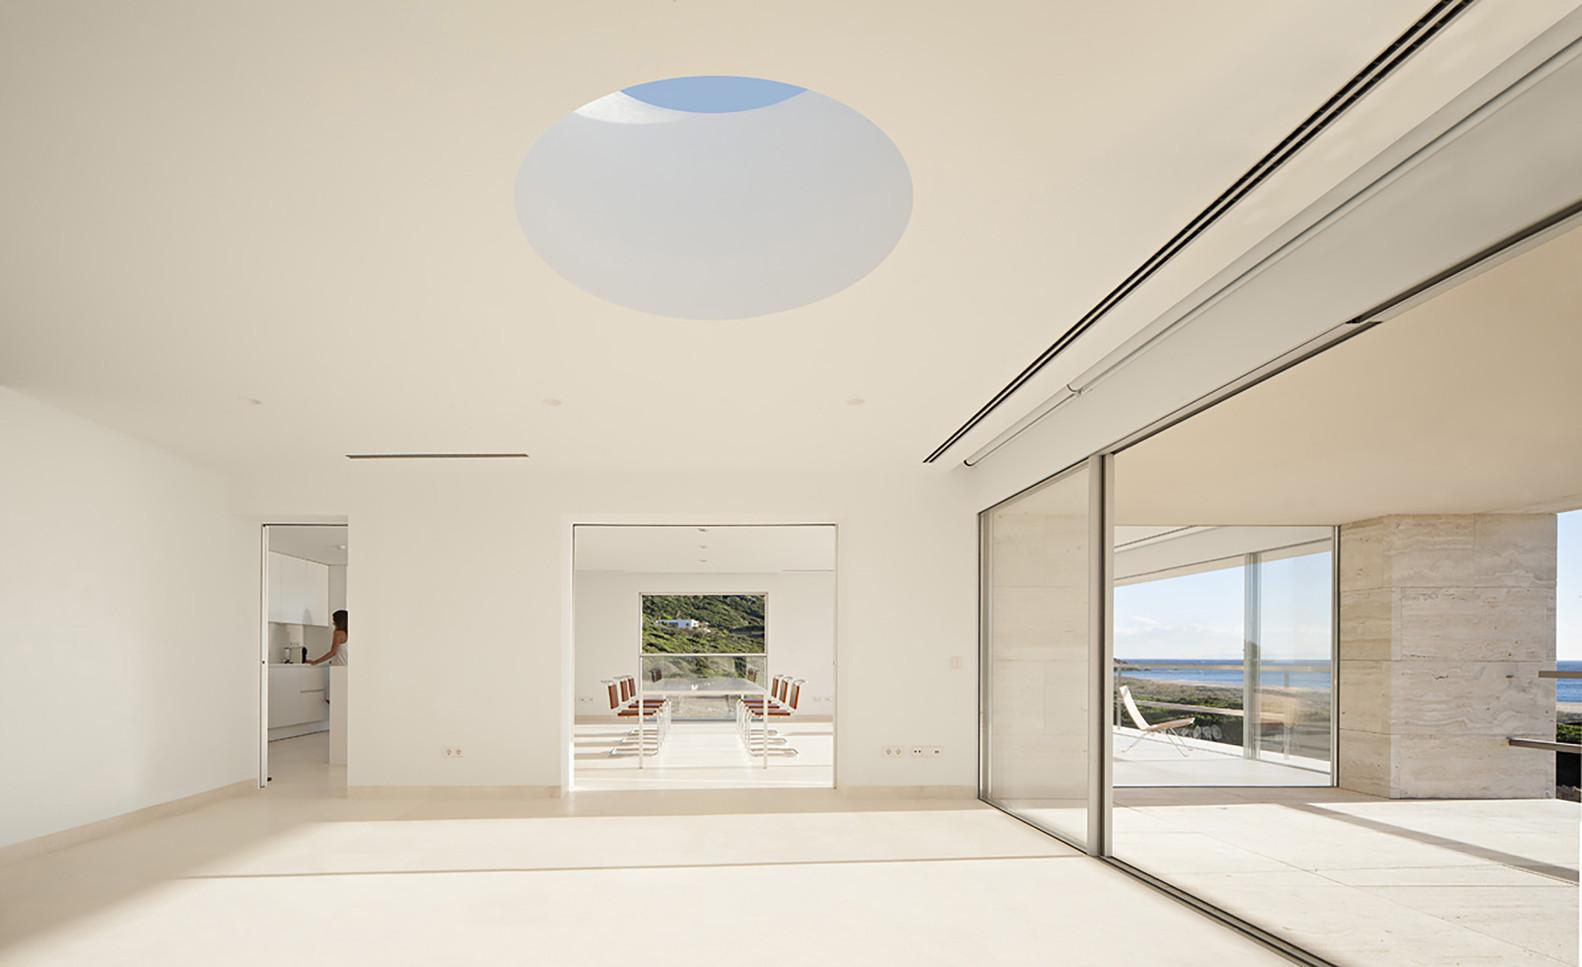 """10 11 - """"Casa del infinito"""": Horizonte espectacular de cielo y mar en Zahara de los Atunes (Cádiz)"""